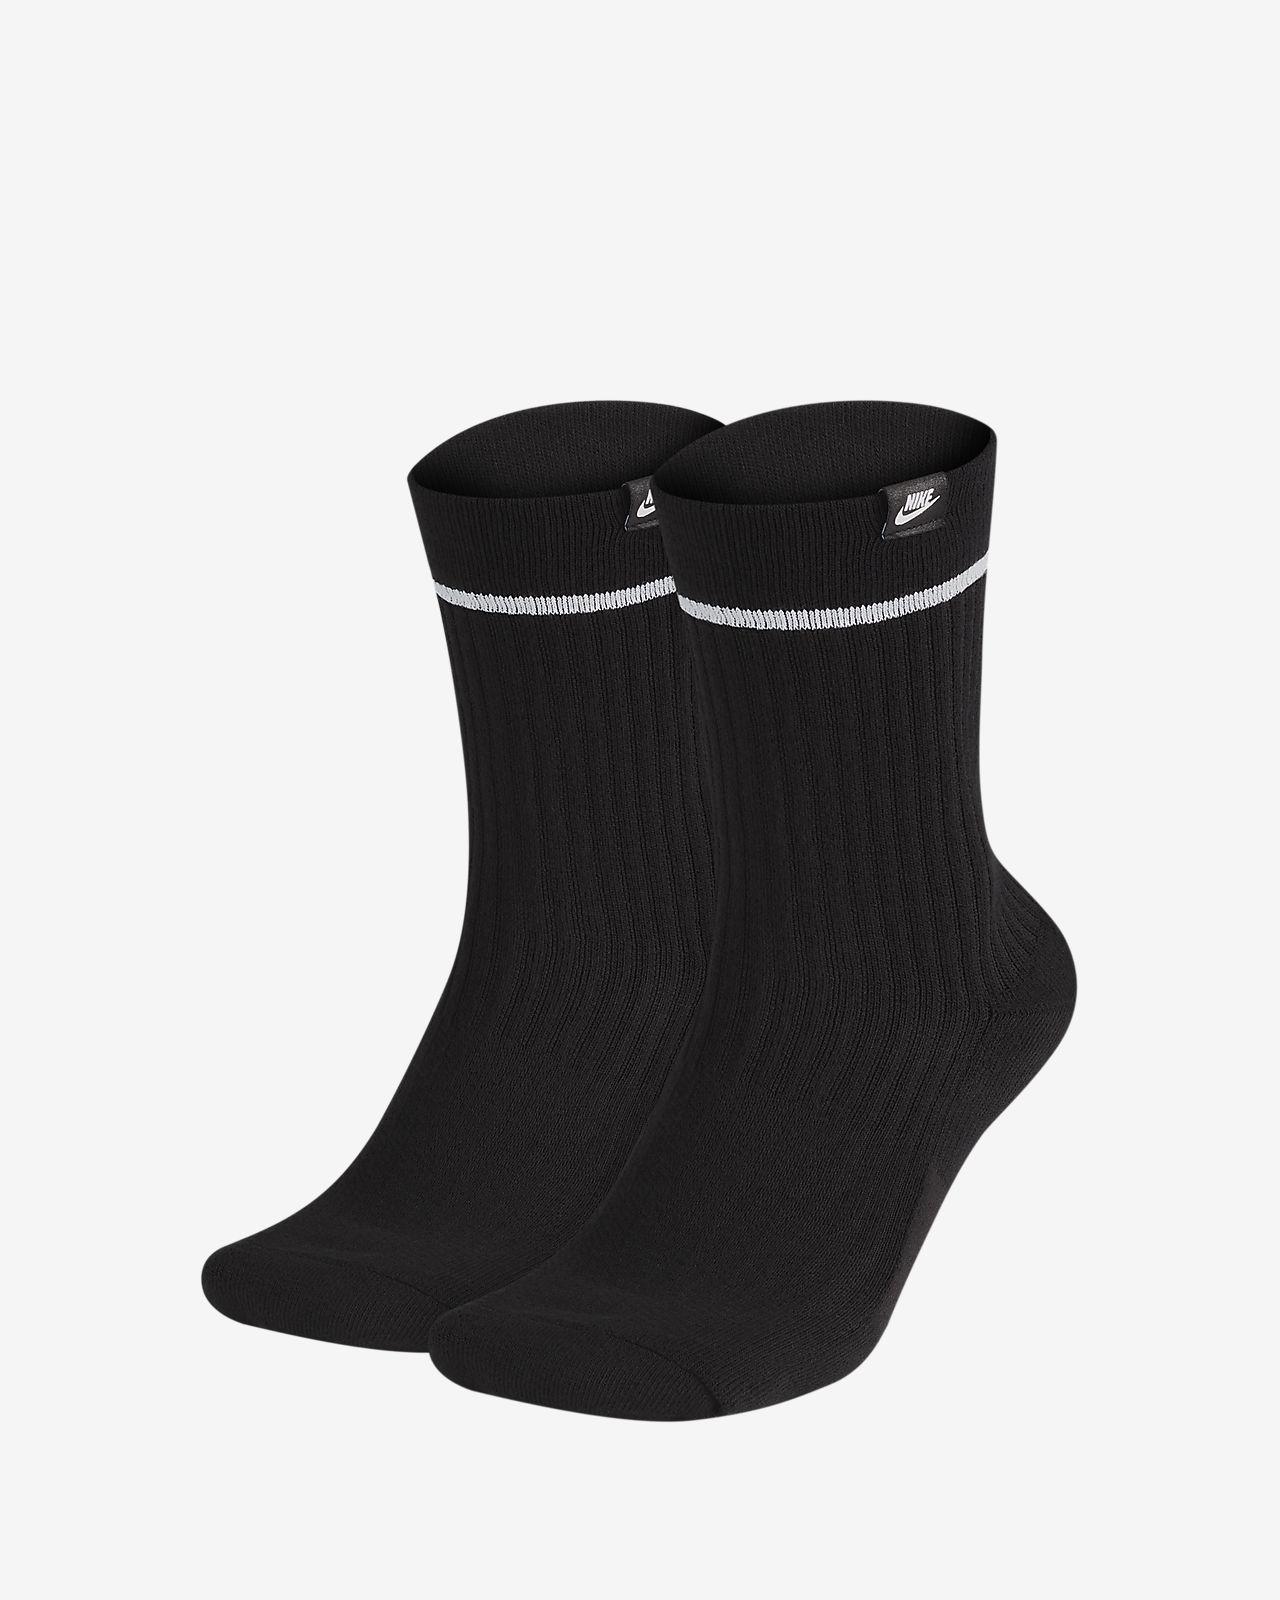 Středně vysoké ponožky Nike SNEAKR Sox Essential (2 páry)